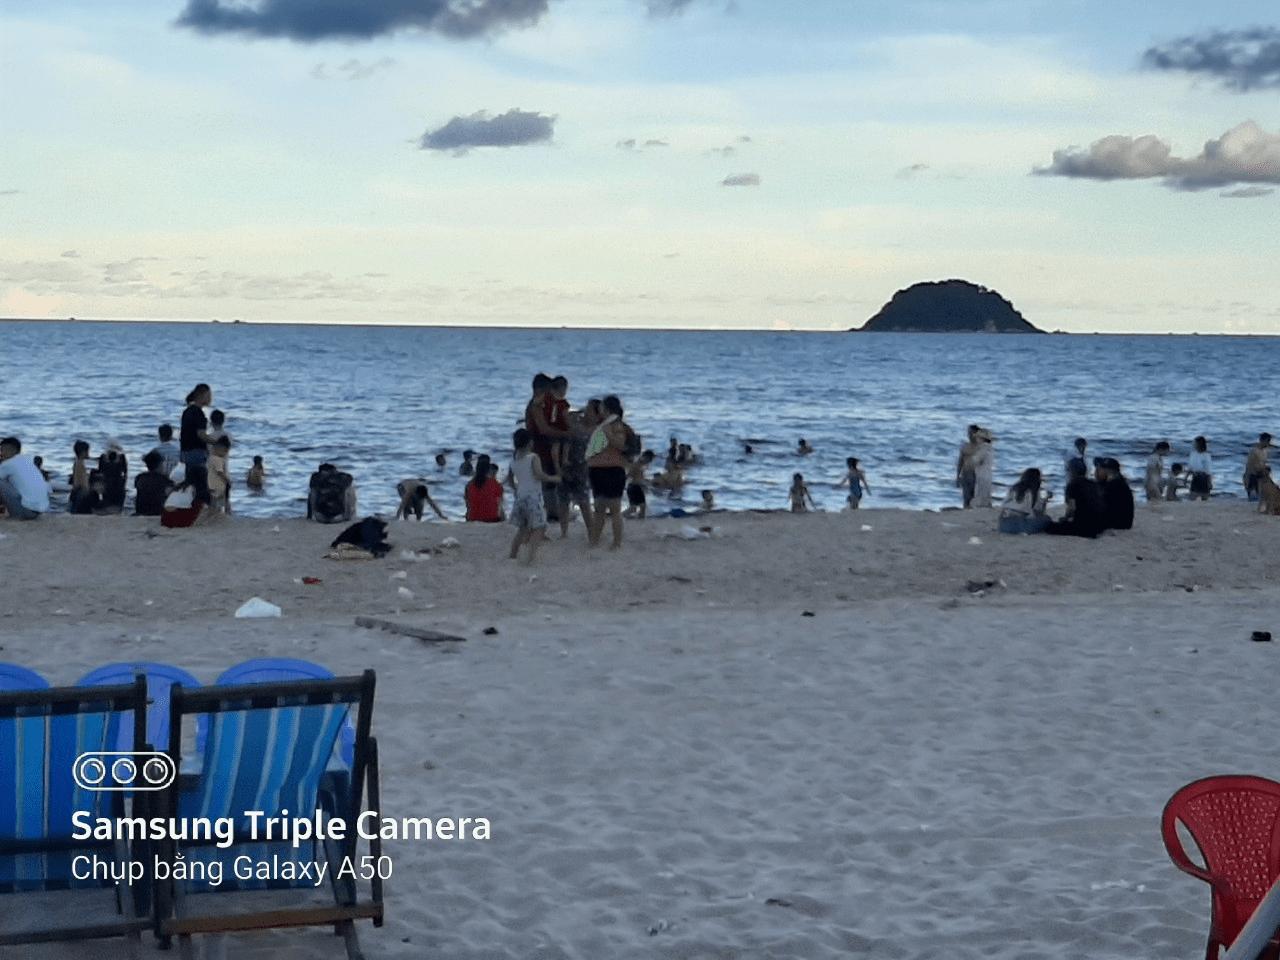 Thủy Ngân Quán ở Lagi Bình Thuận: Mãn nhãn với thực đơn hải sản siêu ngon